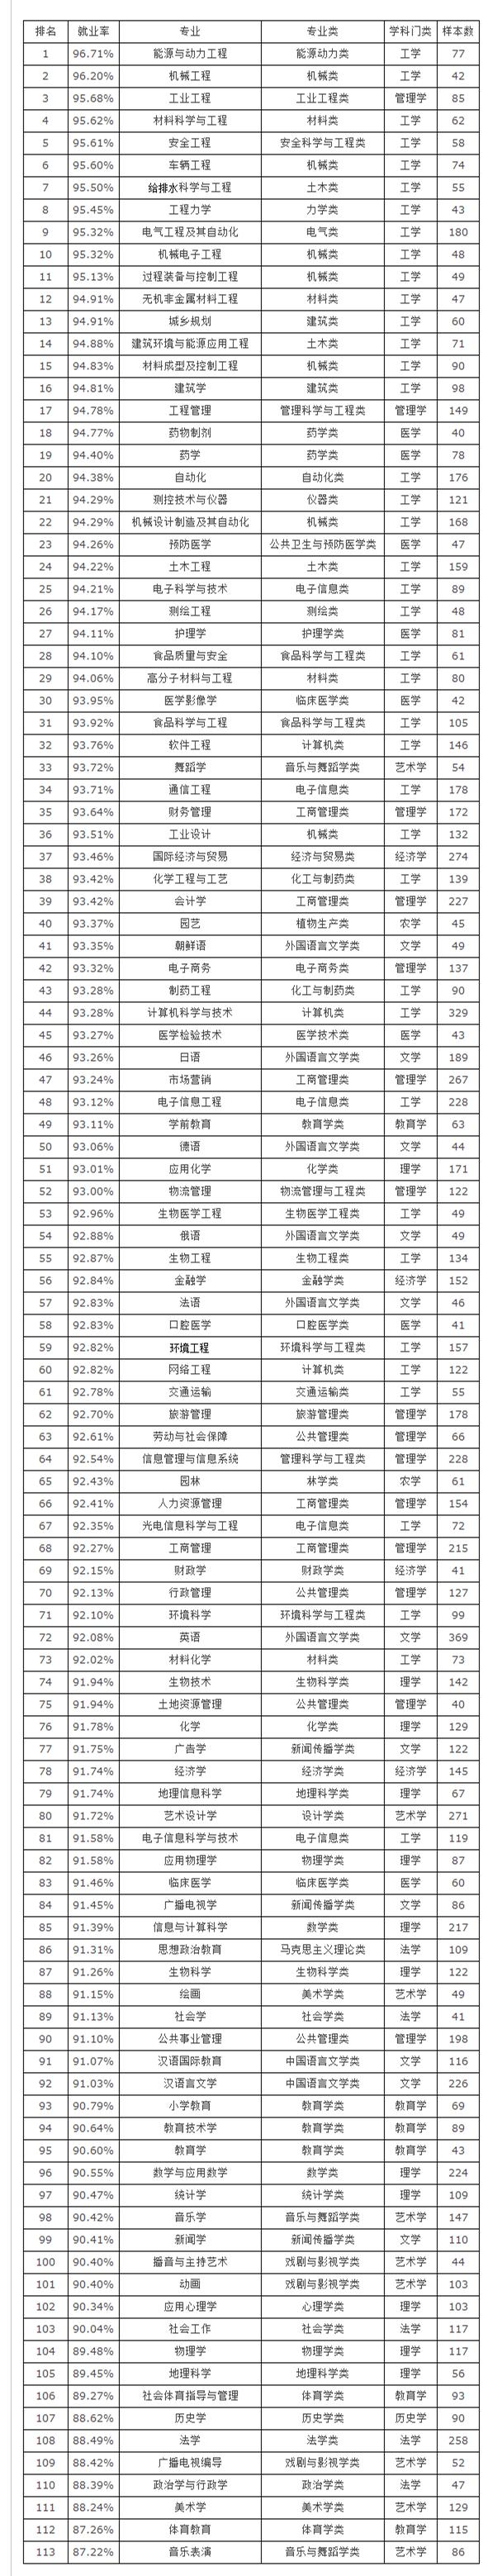 1就业率排行榜 - 建筑技术_副本.png